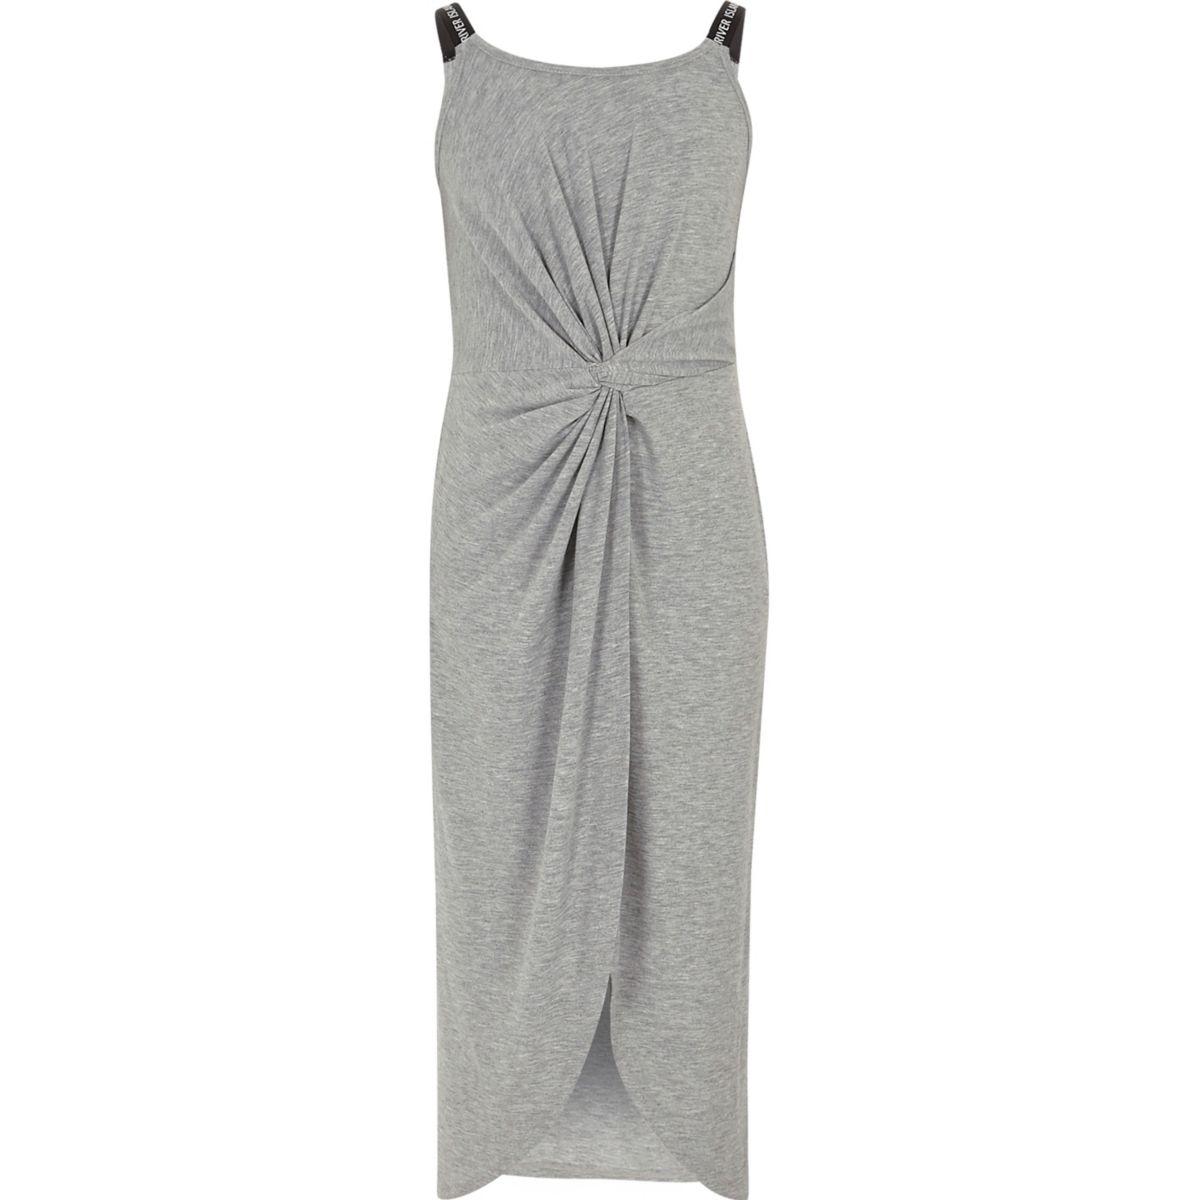 Robe longue gris chiné torsadée sur le devant pour fille